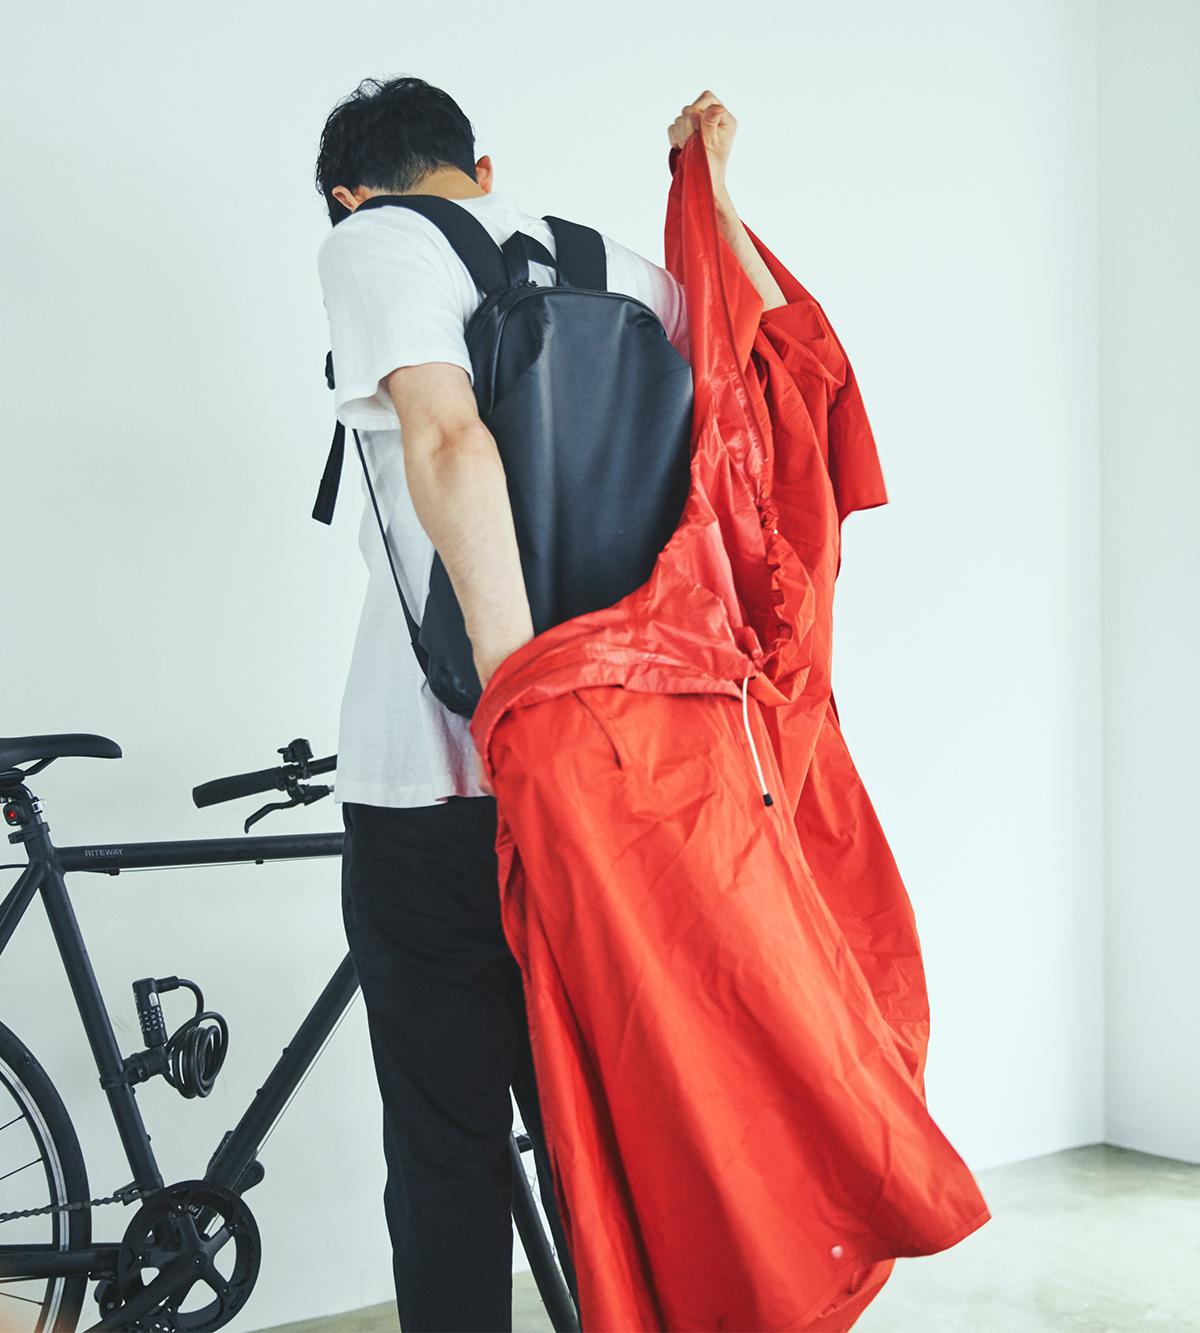 買い物後のエコバッグも丸ごとすっぽり覆って、自転車の運転中に裾がめくれる心配もありません。 「ポンチョを着て自転車でスイスイ」で、雨の日の通勤を楽しく。見た目タウン用、機能は登山用の男女兼用ポンチョ